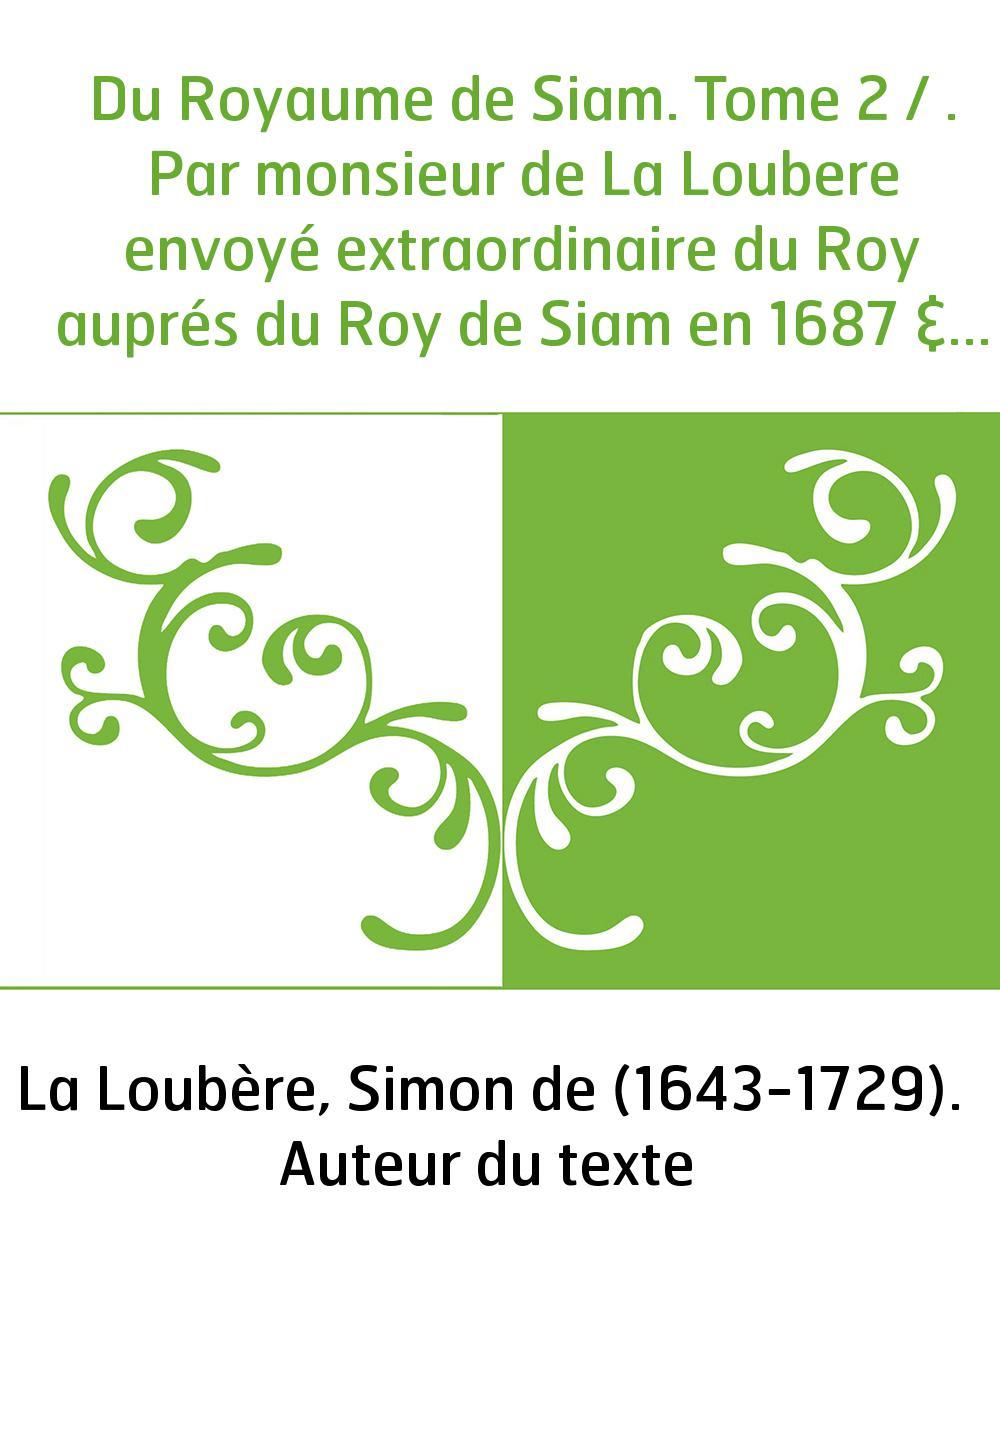 Du Royaume de Siam. Tome 2 / . Par monsieur de La Loubere envoyé extraordinaire du Roy auprés du Roy de Siam en 1687 & 1688. Tom